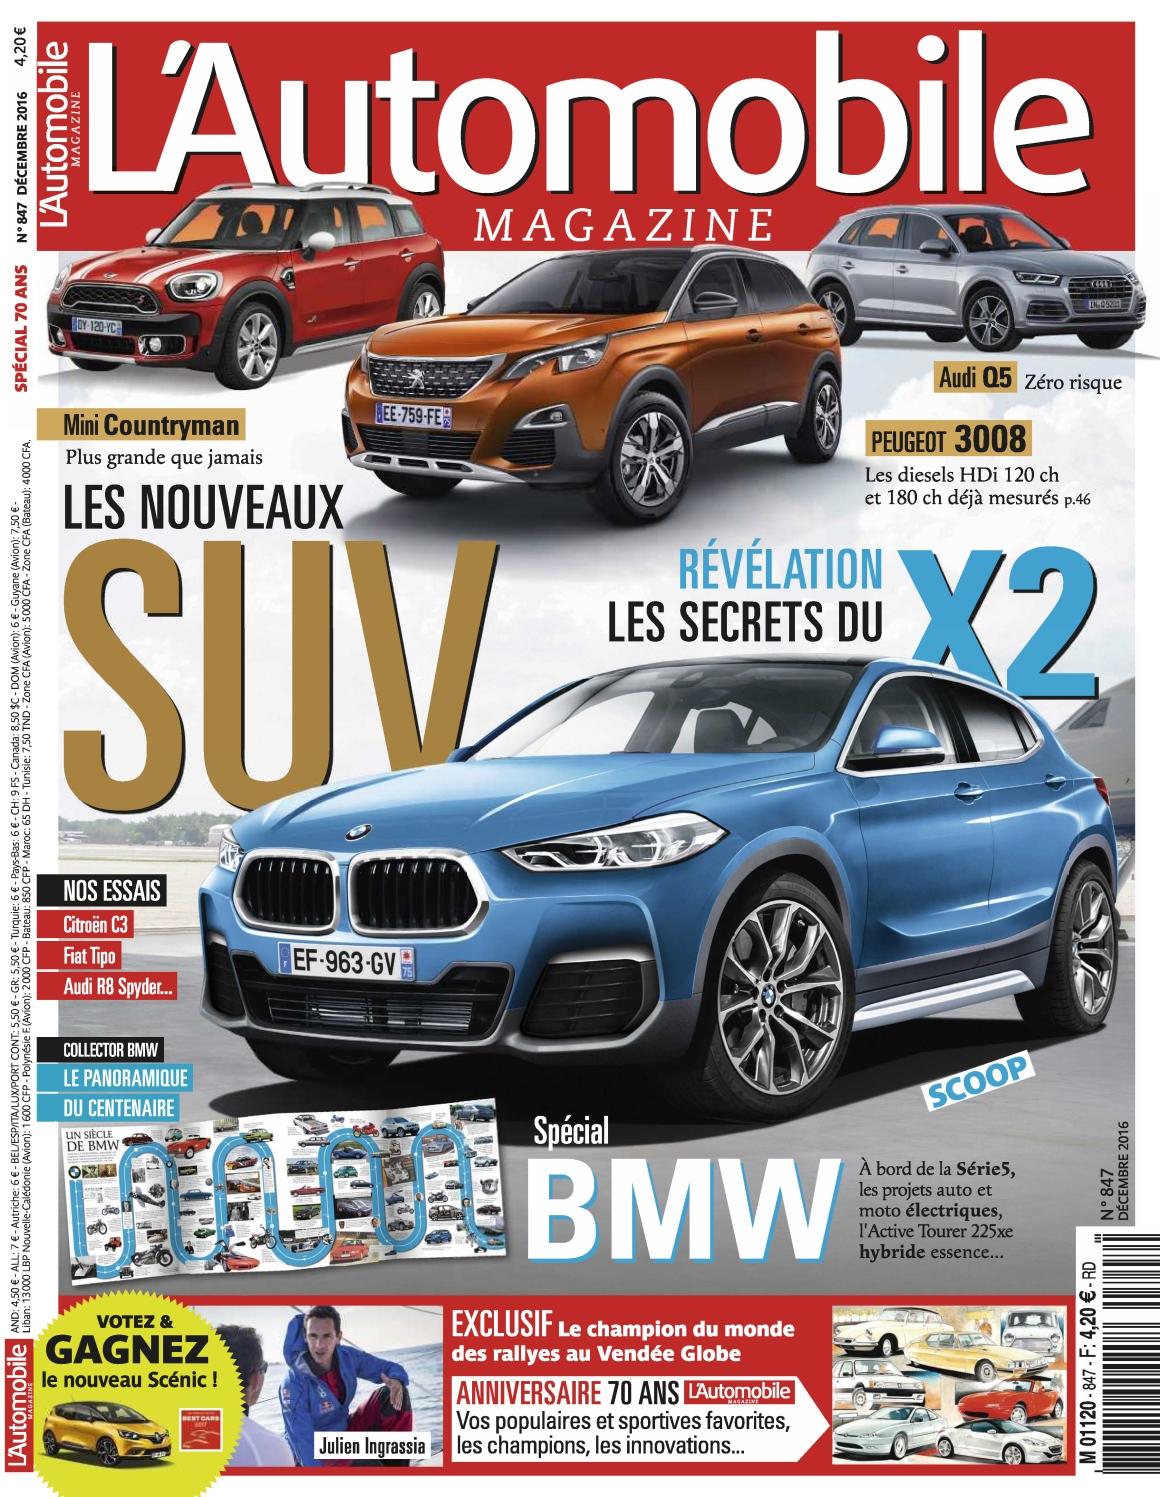 L Automobile magazine N°847 - Décembre 2016